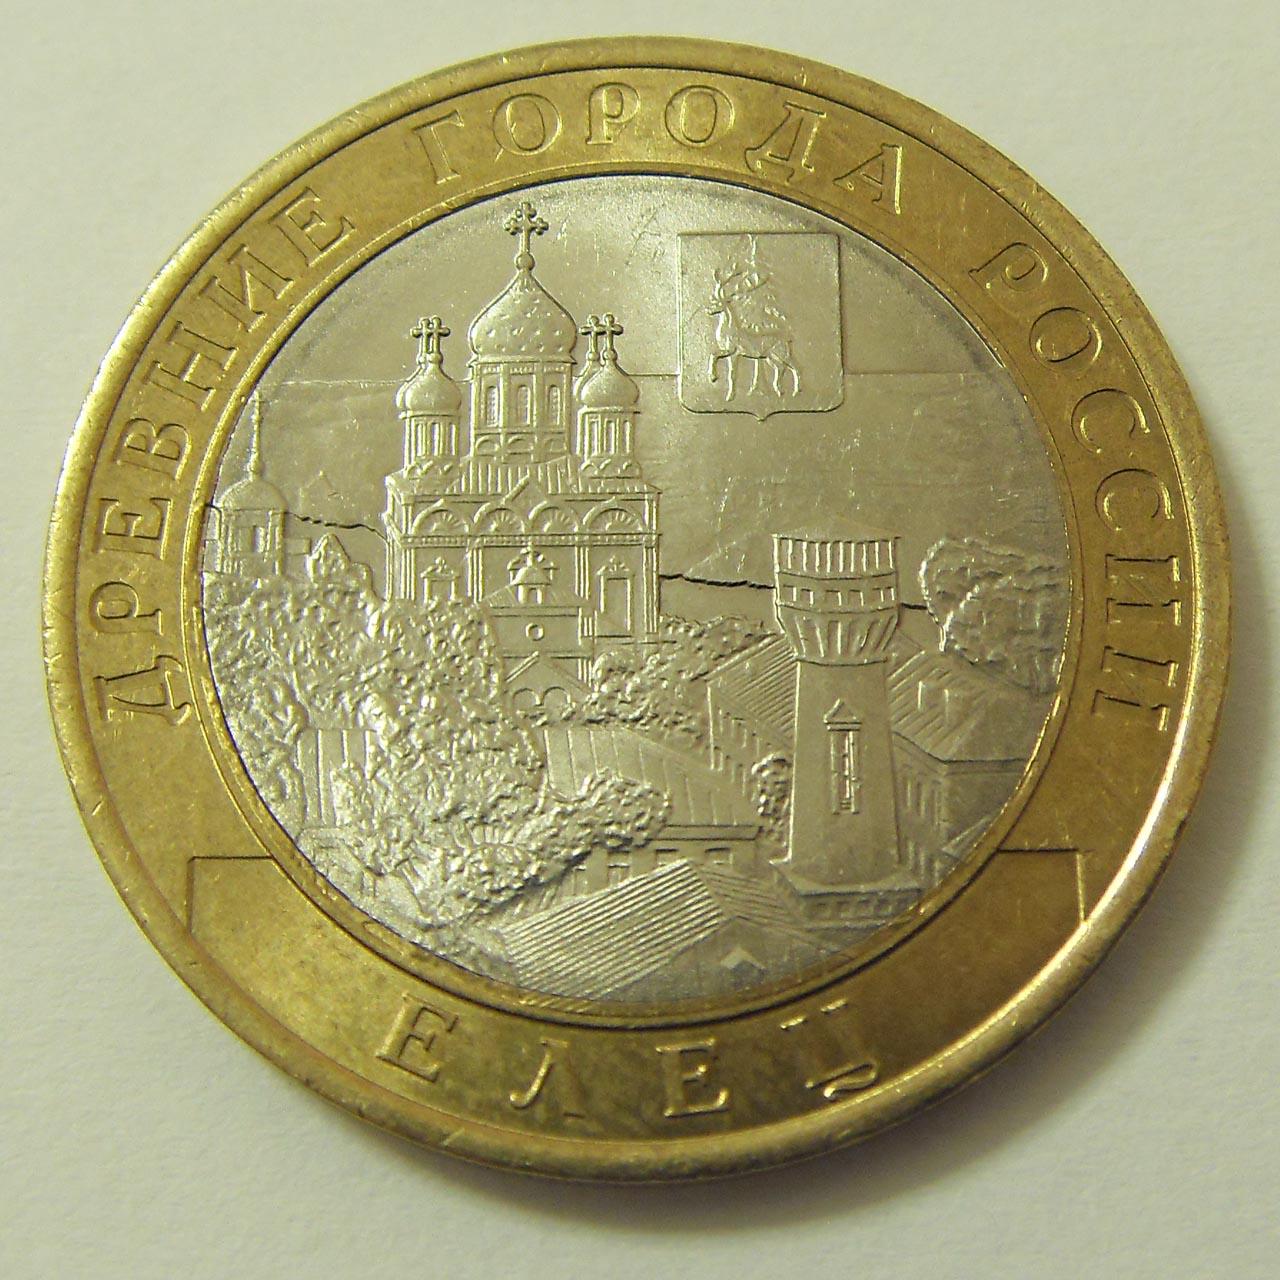 10 рублей 2011 елец цены на польскую 1злотаю 1949 года